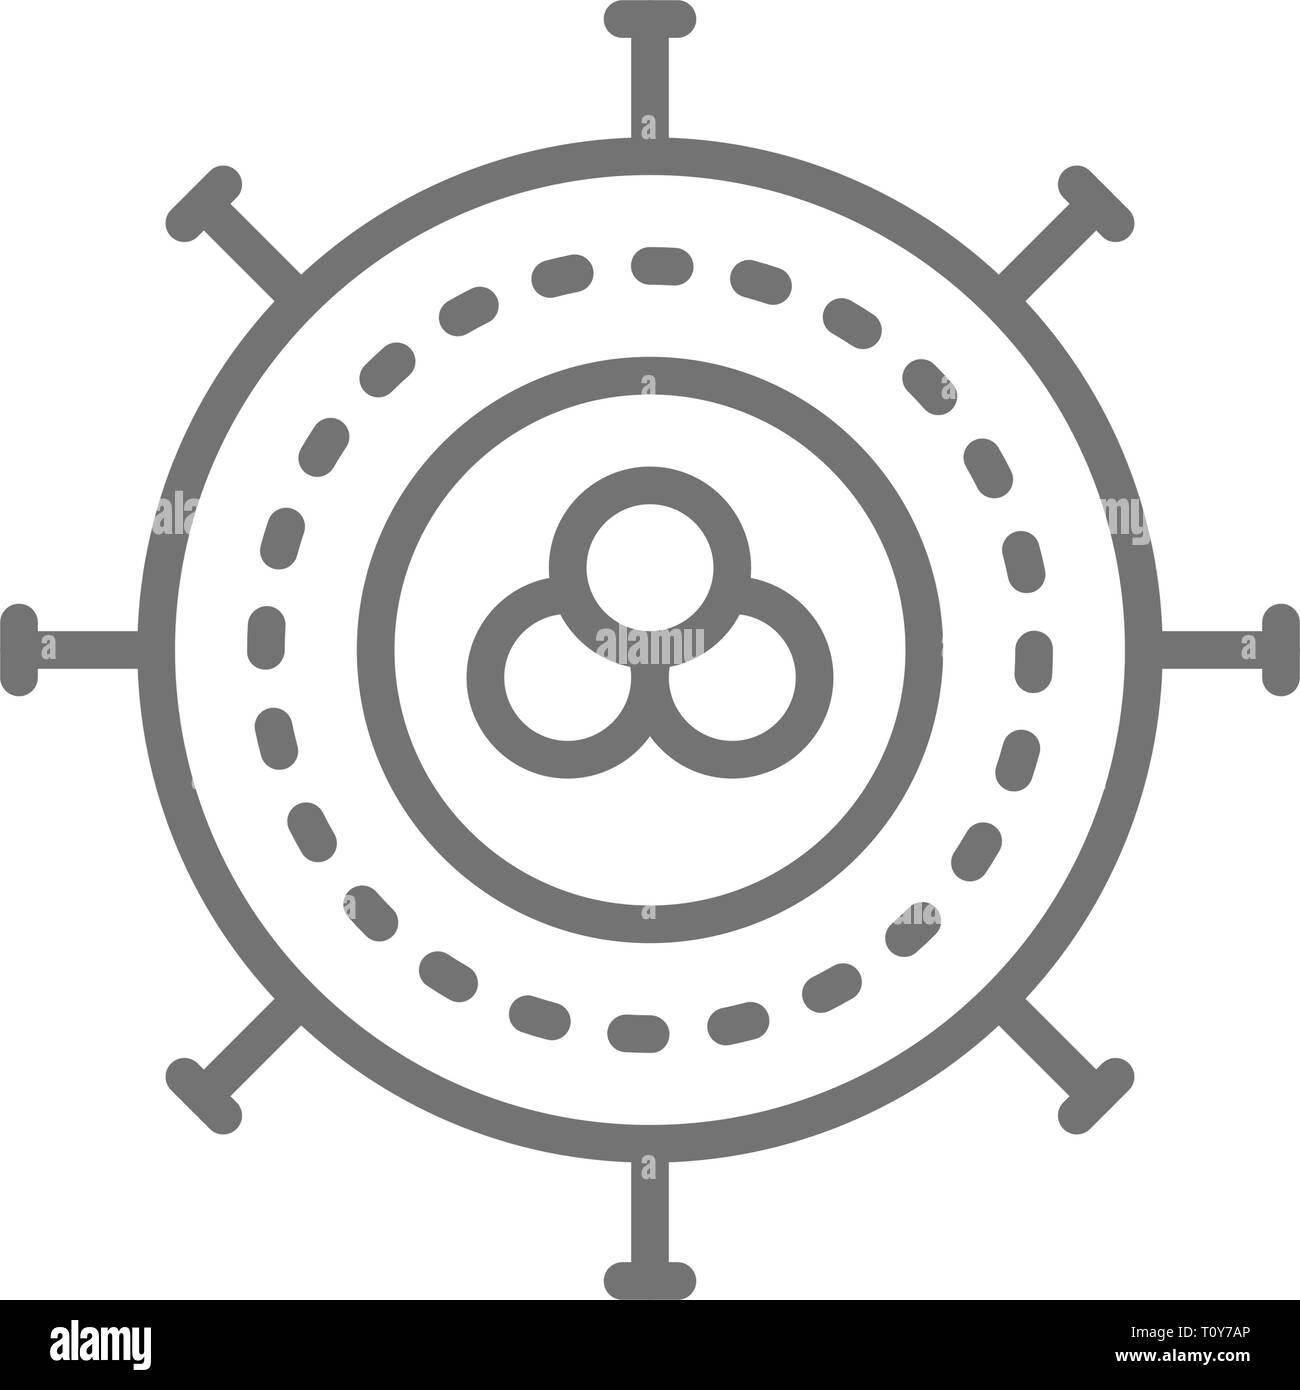 Krebszelle, Virus, Infektion, Onkologie Symbol Leitung. Stockbild